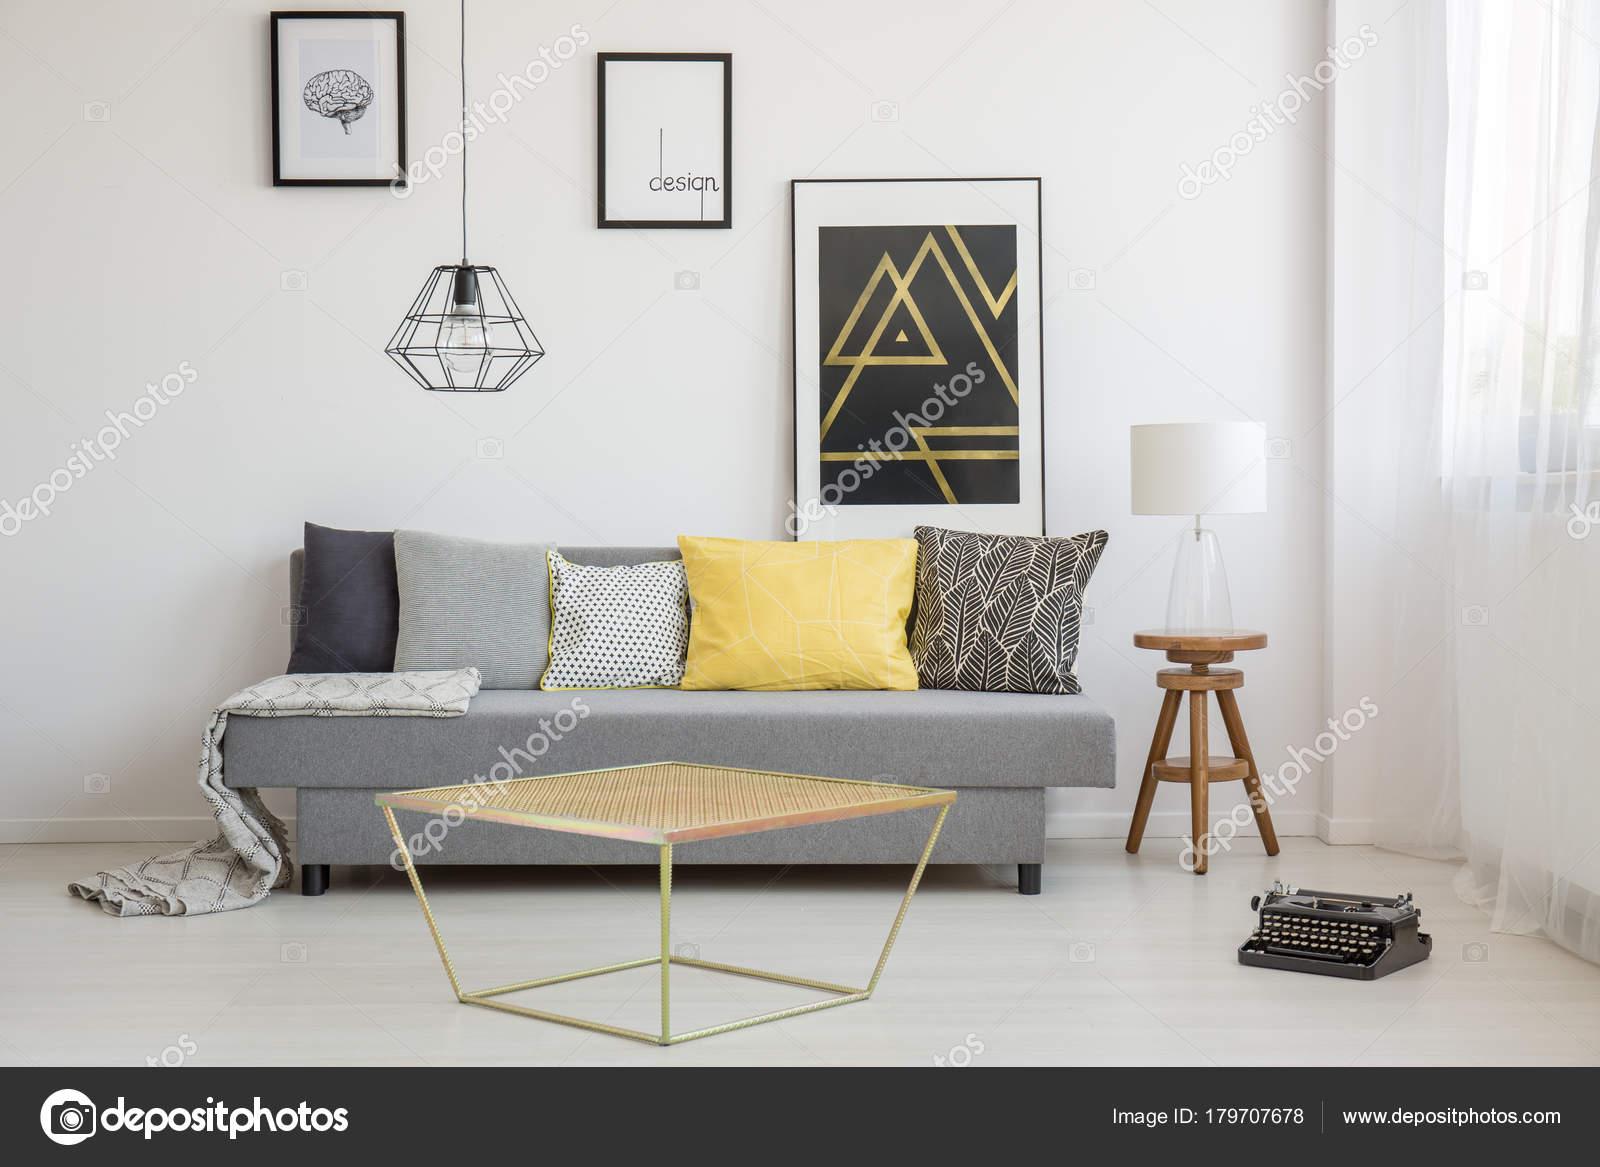 Einfache Wohnzimmer Interieur Mit Gelben Kissen Liegend Auf Eine Graue  Couch Und Gold Tisch Am Fenster U2014 Foto Von Photographee.eu